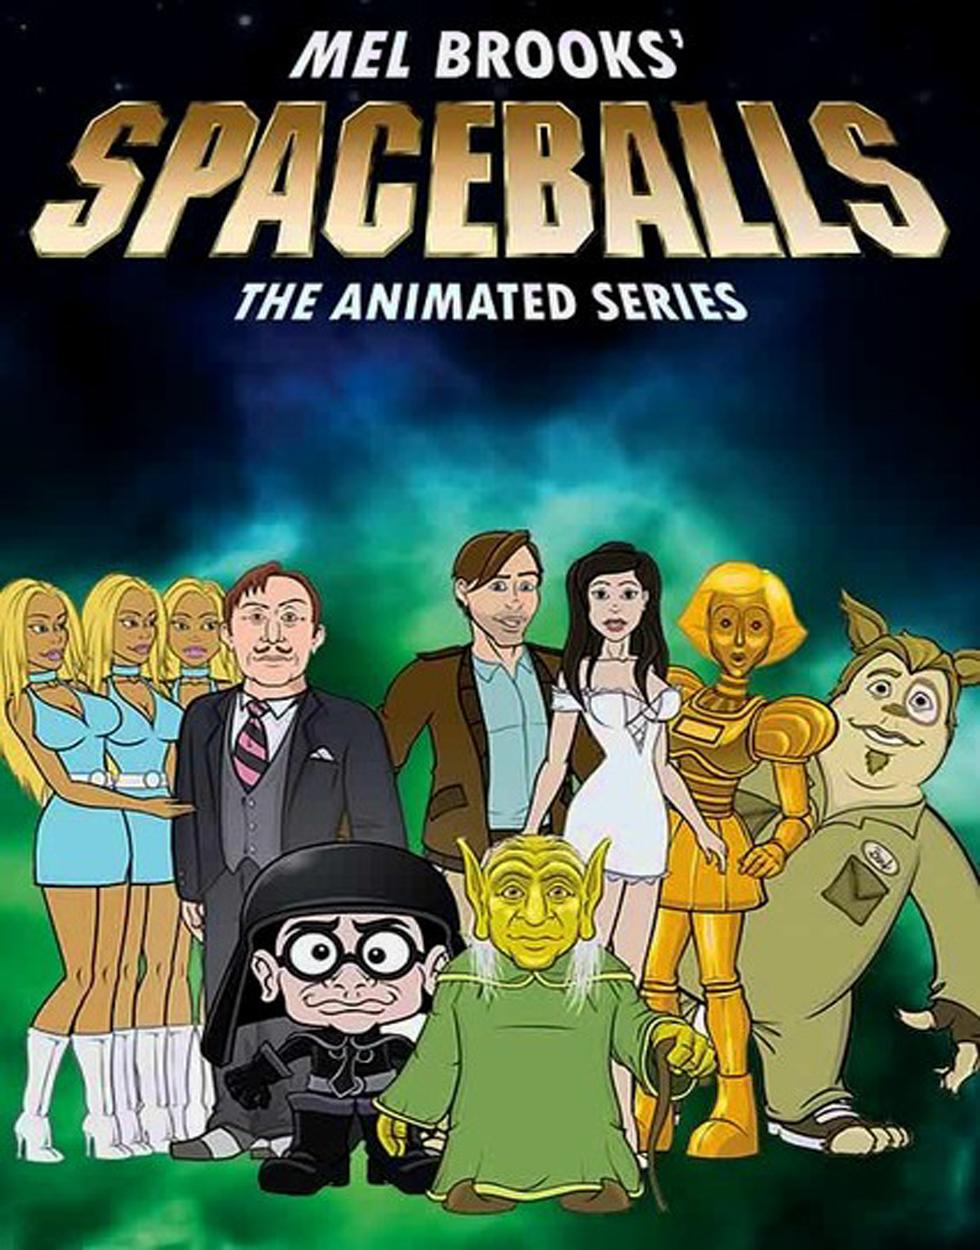 Spaceball Series.jpg